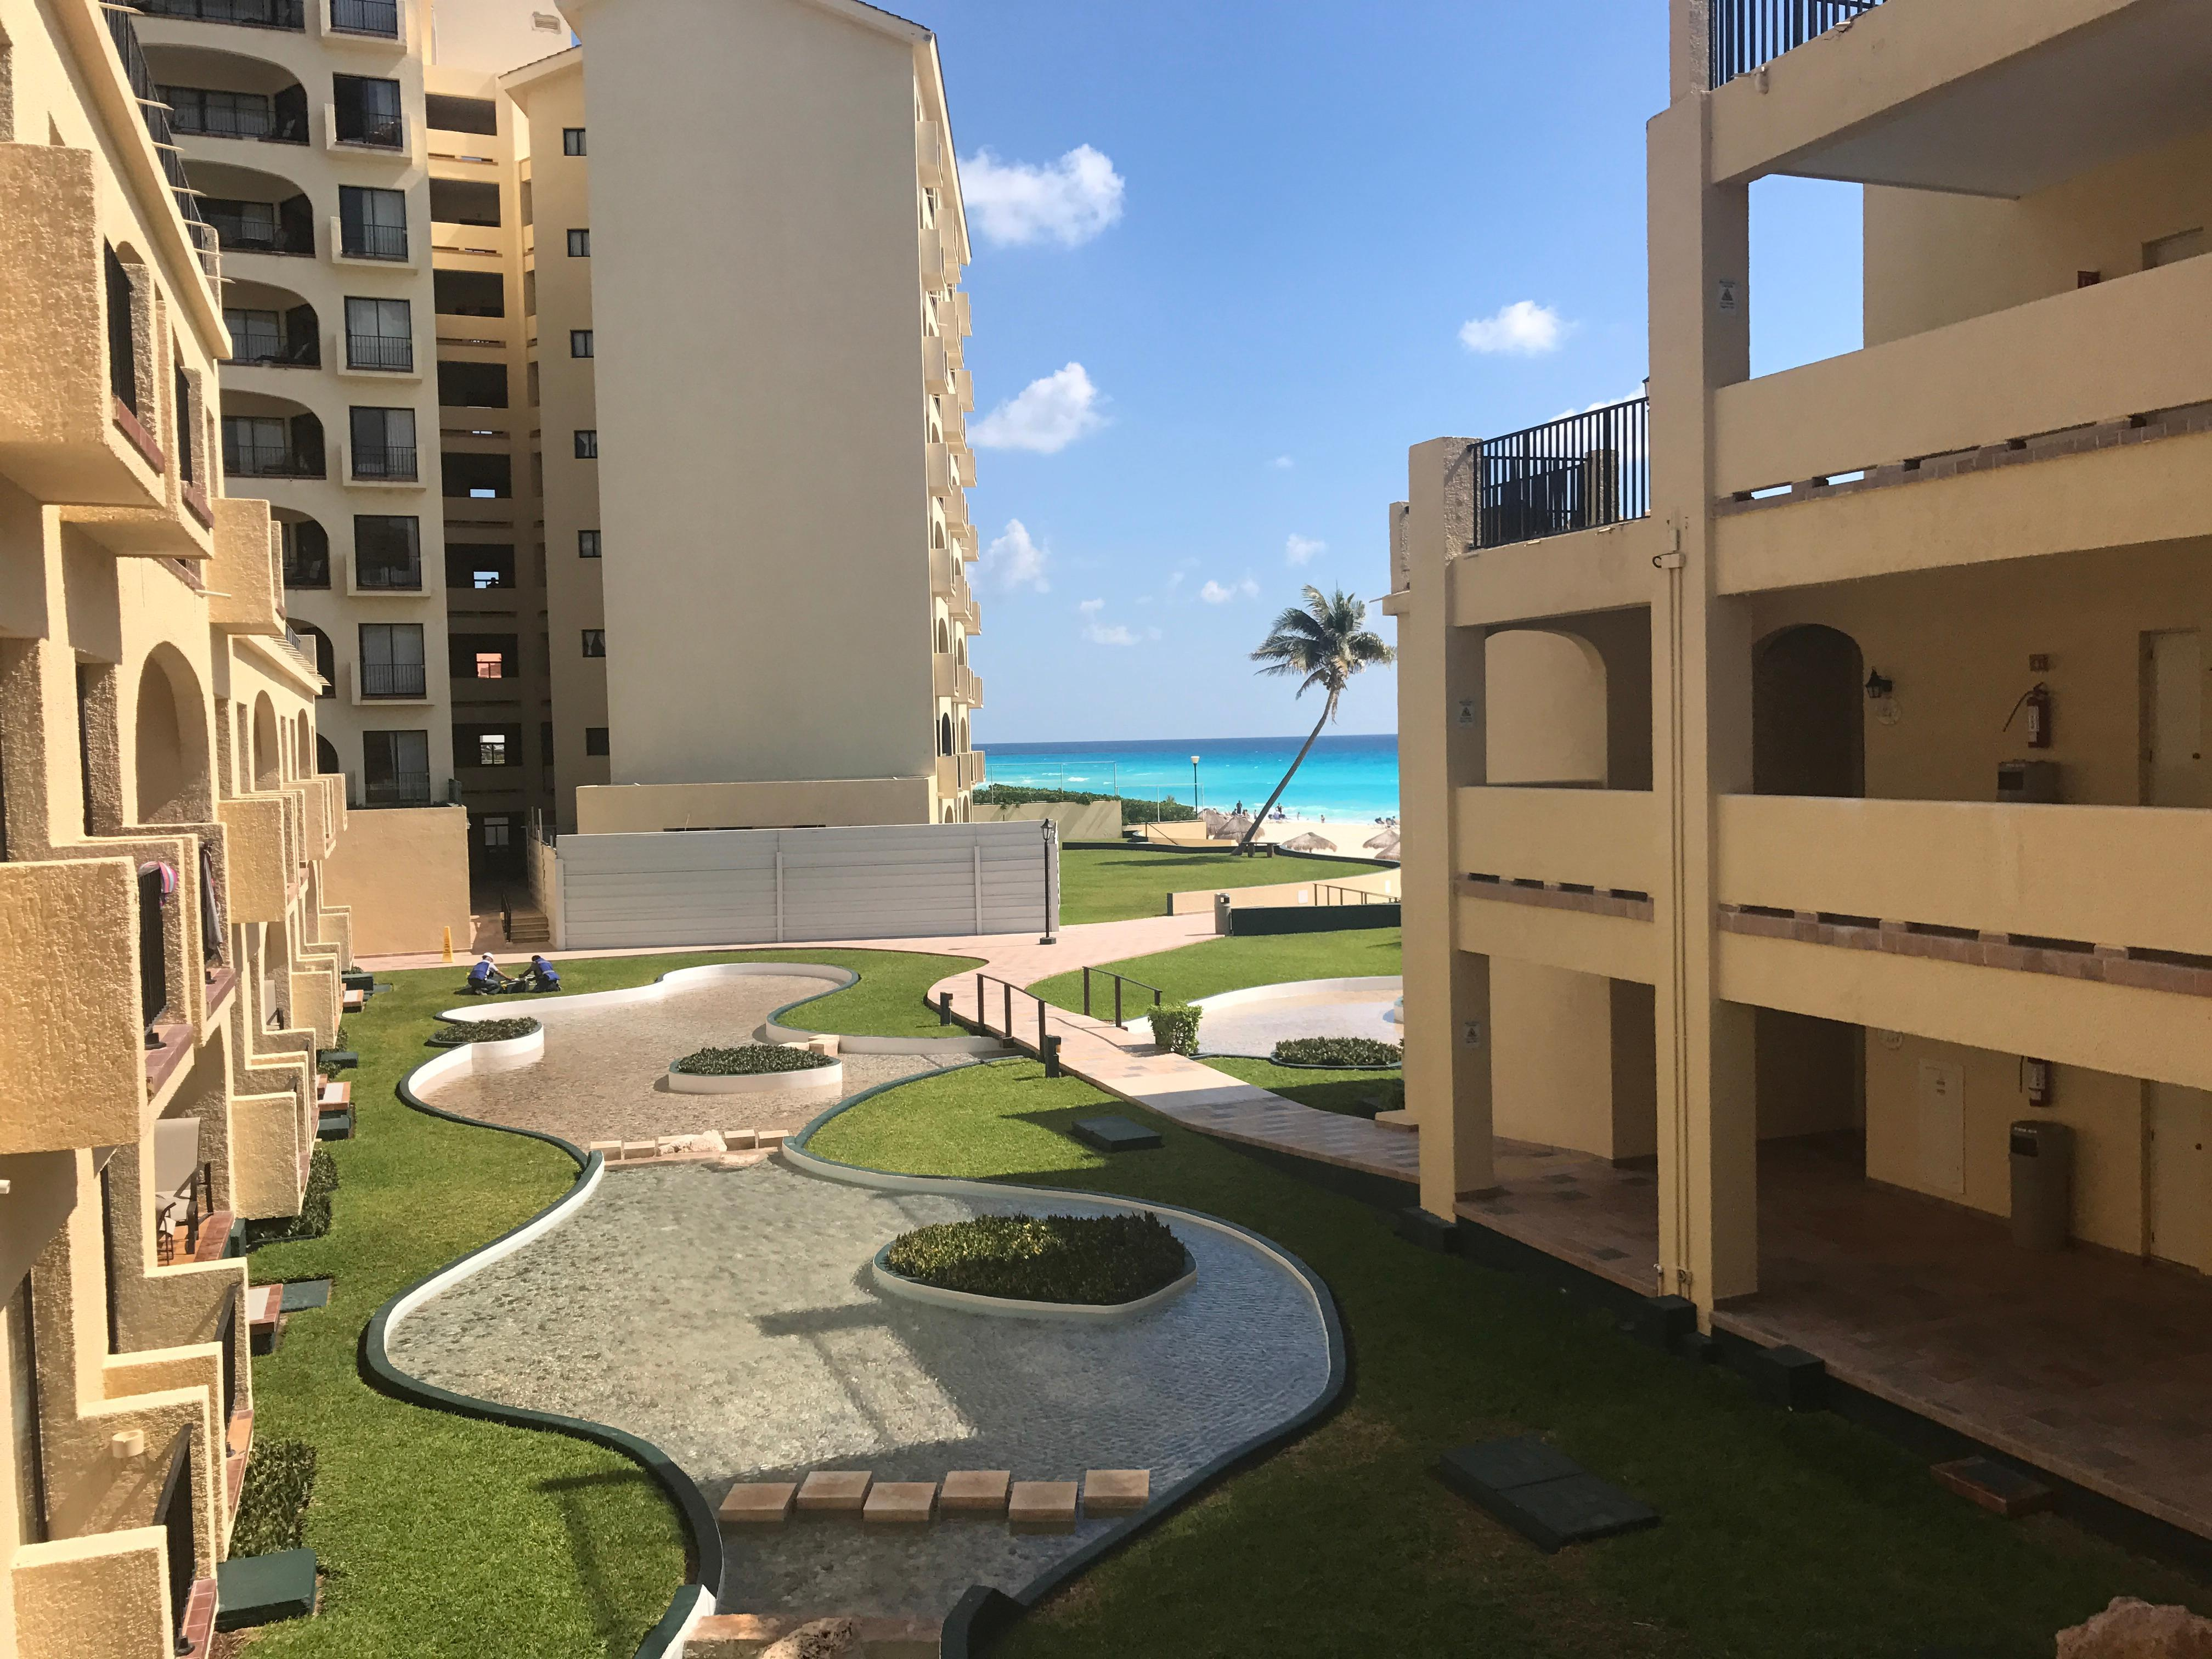 Hotel yard